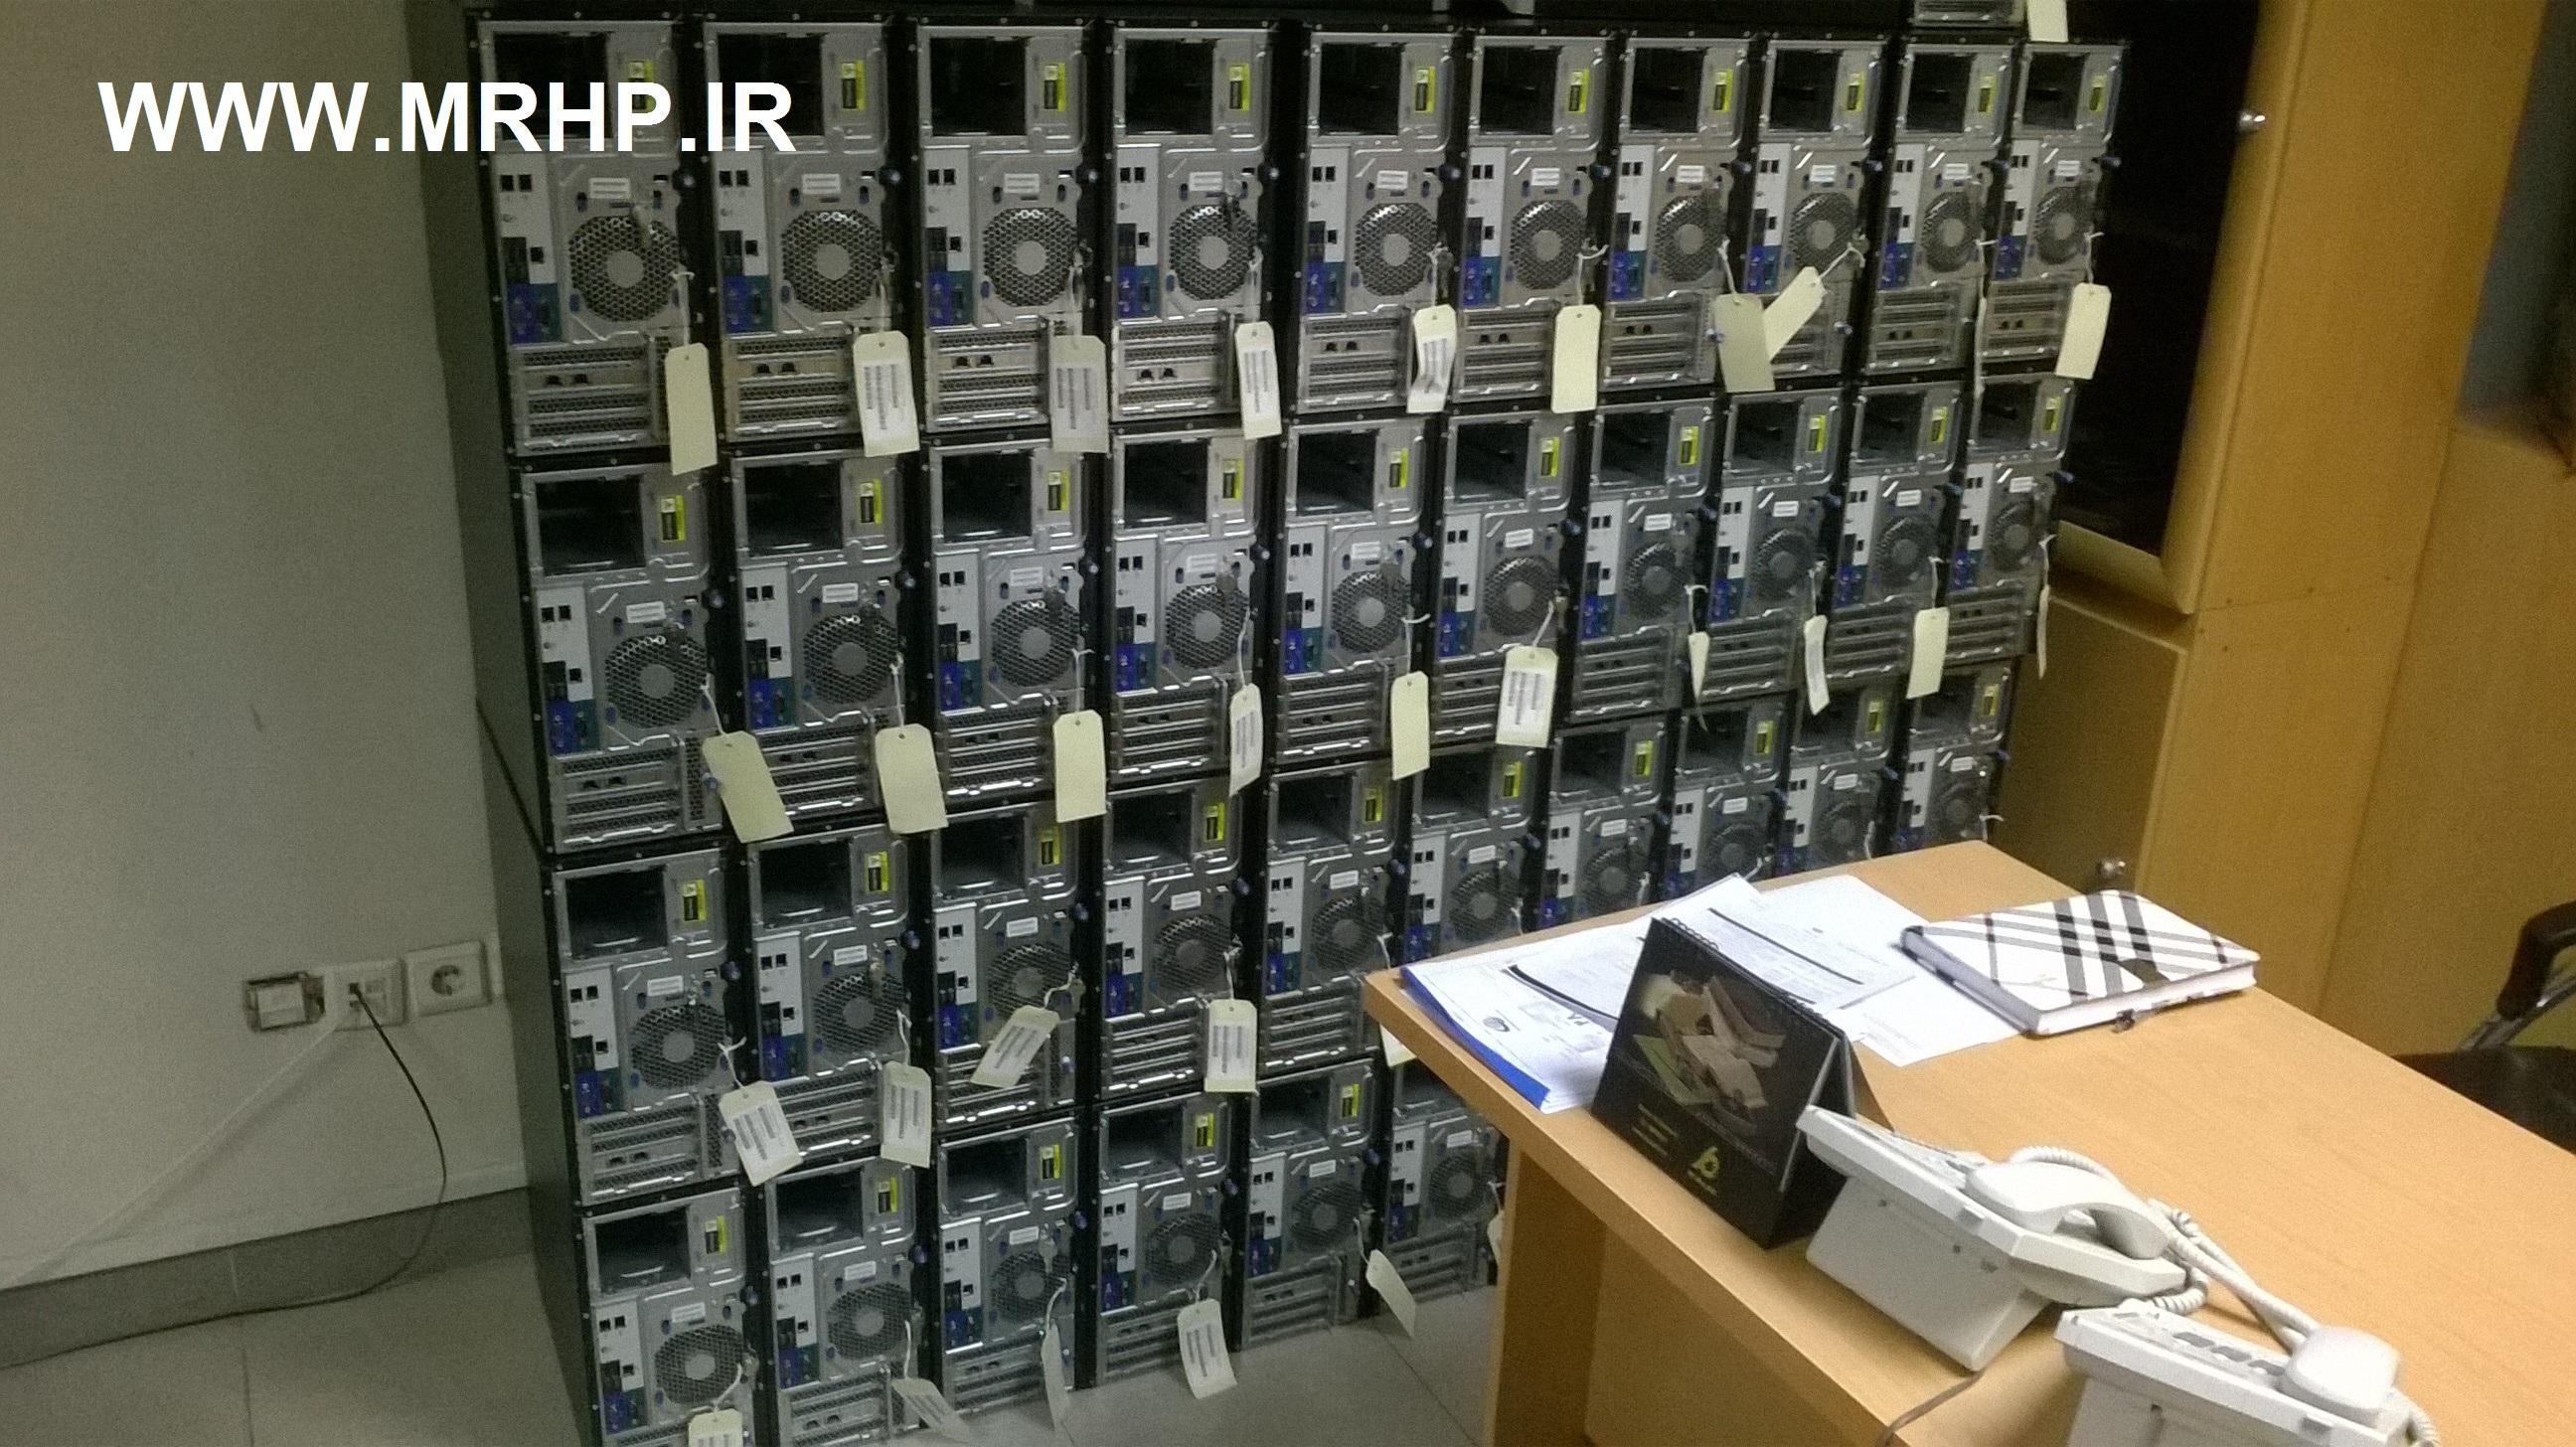 سرور HP ML110 G9,HP ProLiant ML110 G8سرور,سرور ML 110 G9,HP TOWER,سرور HP ProLiant ML110e G1, فروش سرور HP DL110P g9 HP Proliant ML110 G9 , سرور اچ پی